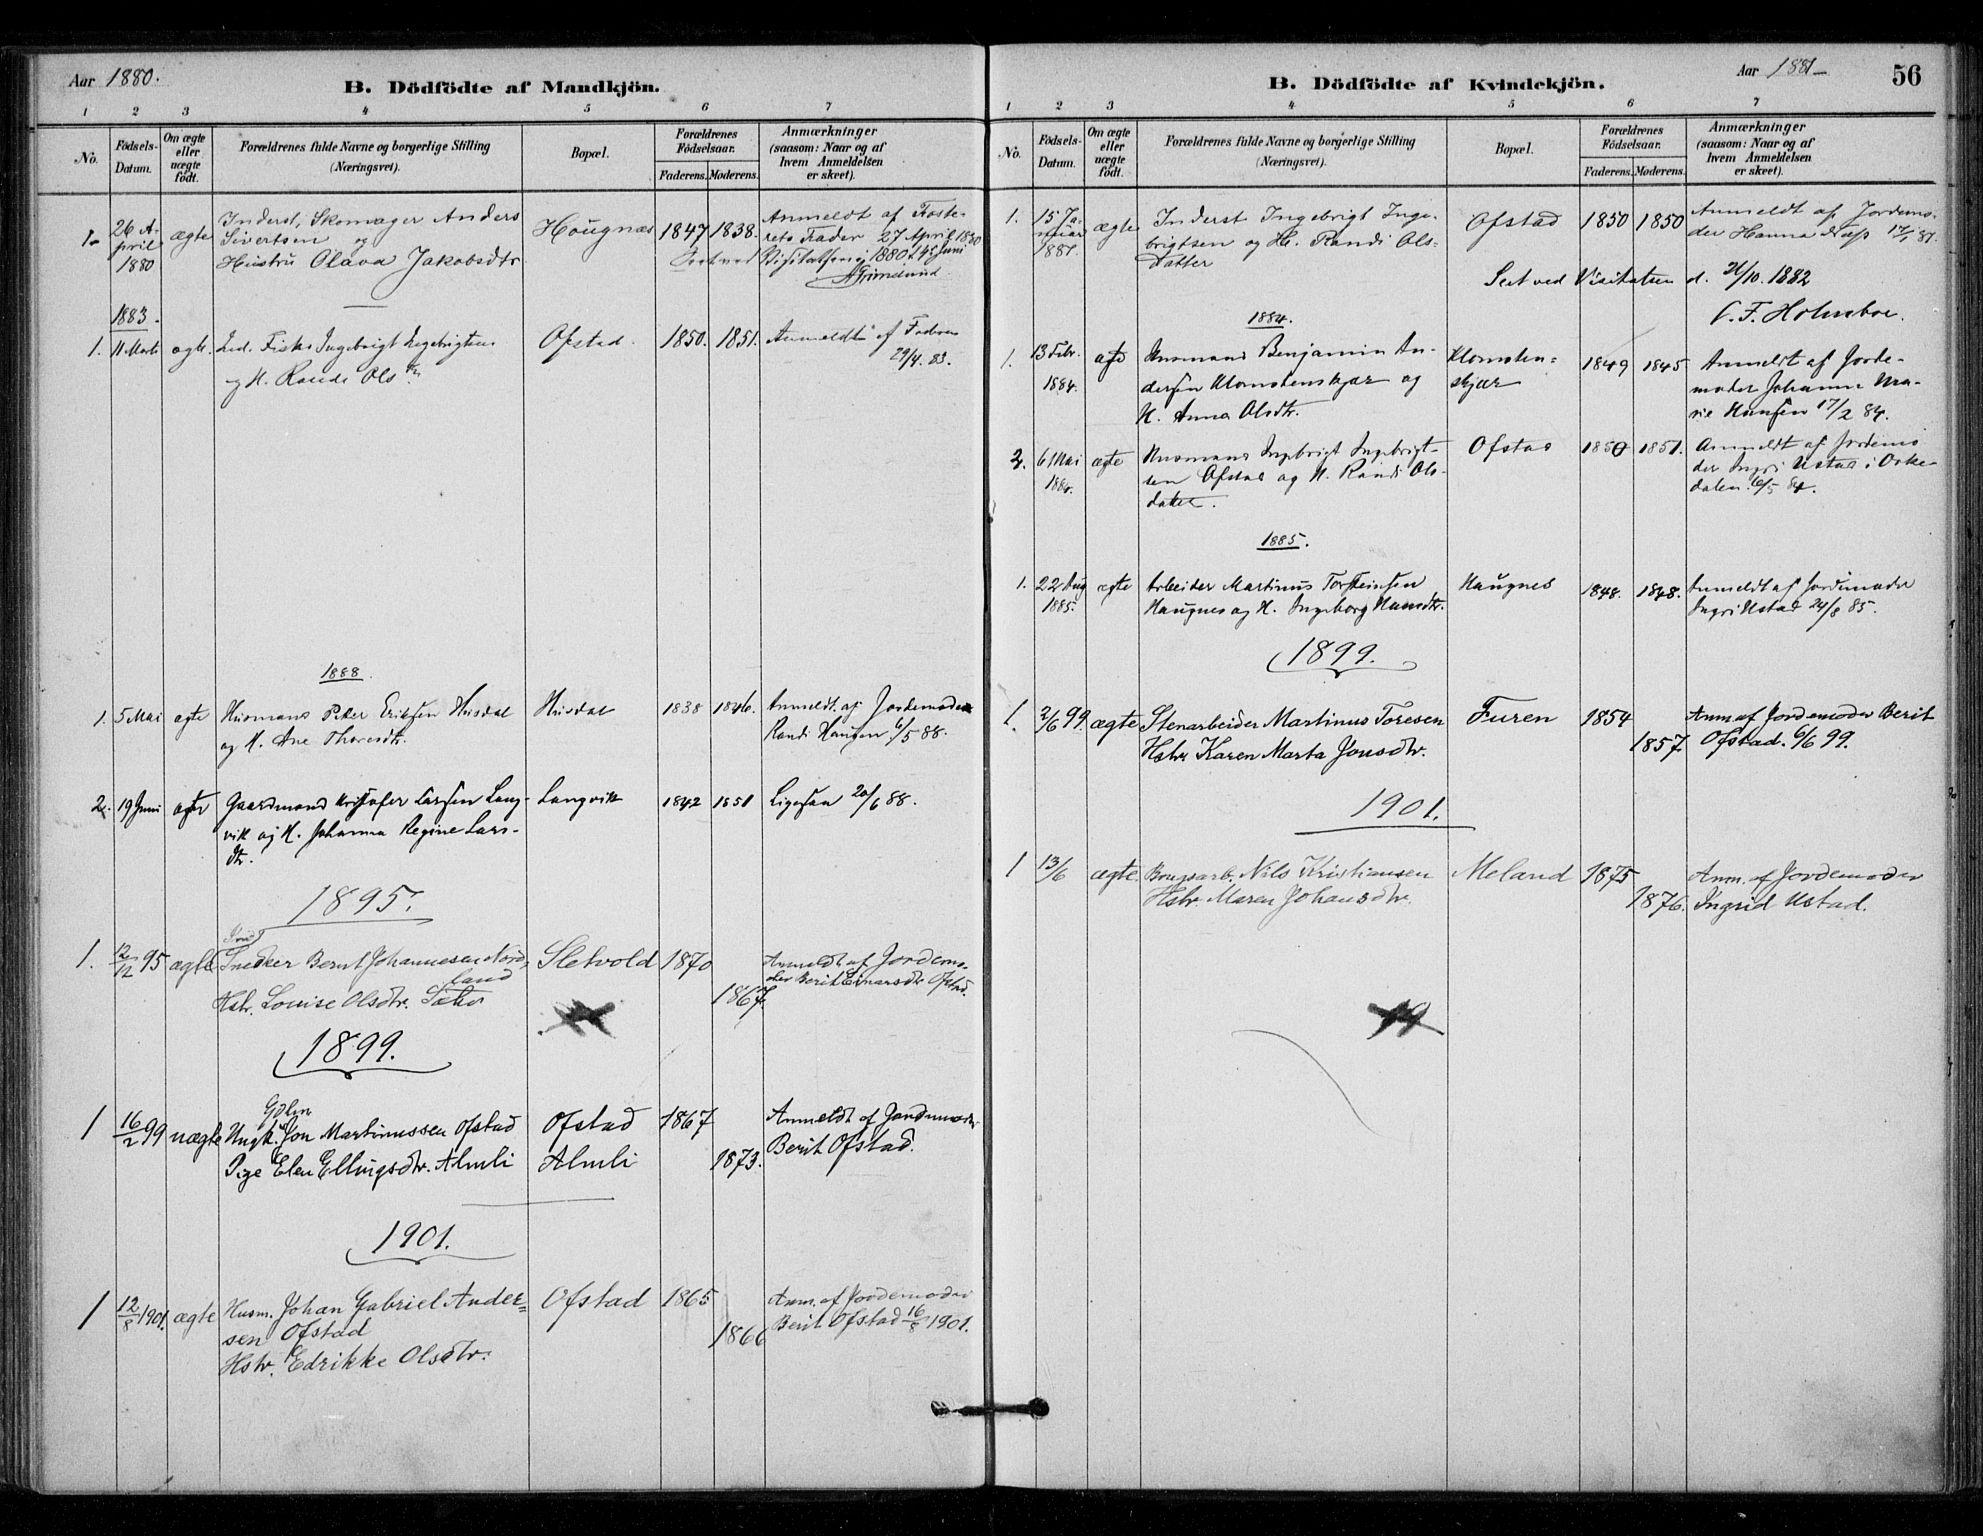 SAT, Ministerialprotokoller, klokkerbøker og fødselsregistre - Sør-Trøndelag, 670/L0836: Ministerialbok nr. 670A01, 1879-1904, s. 56